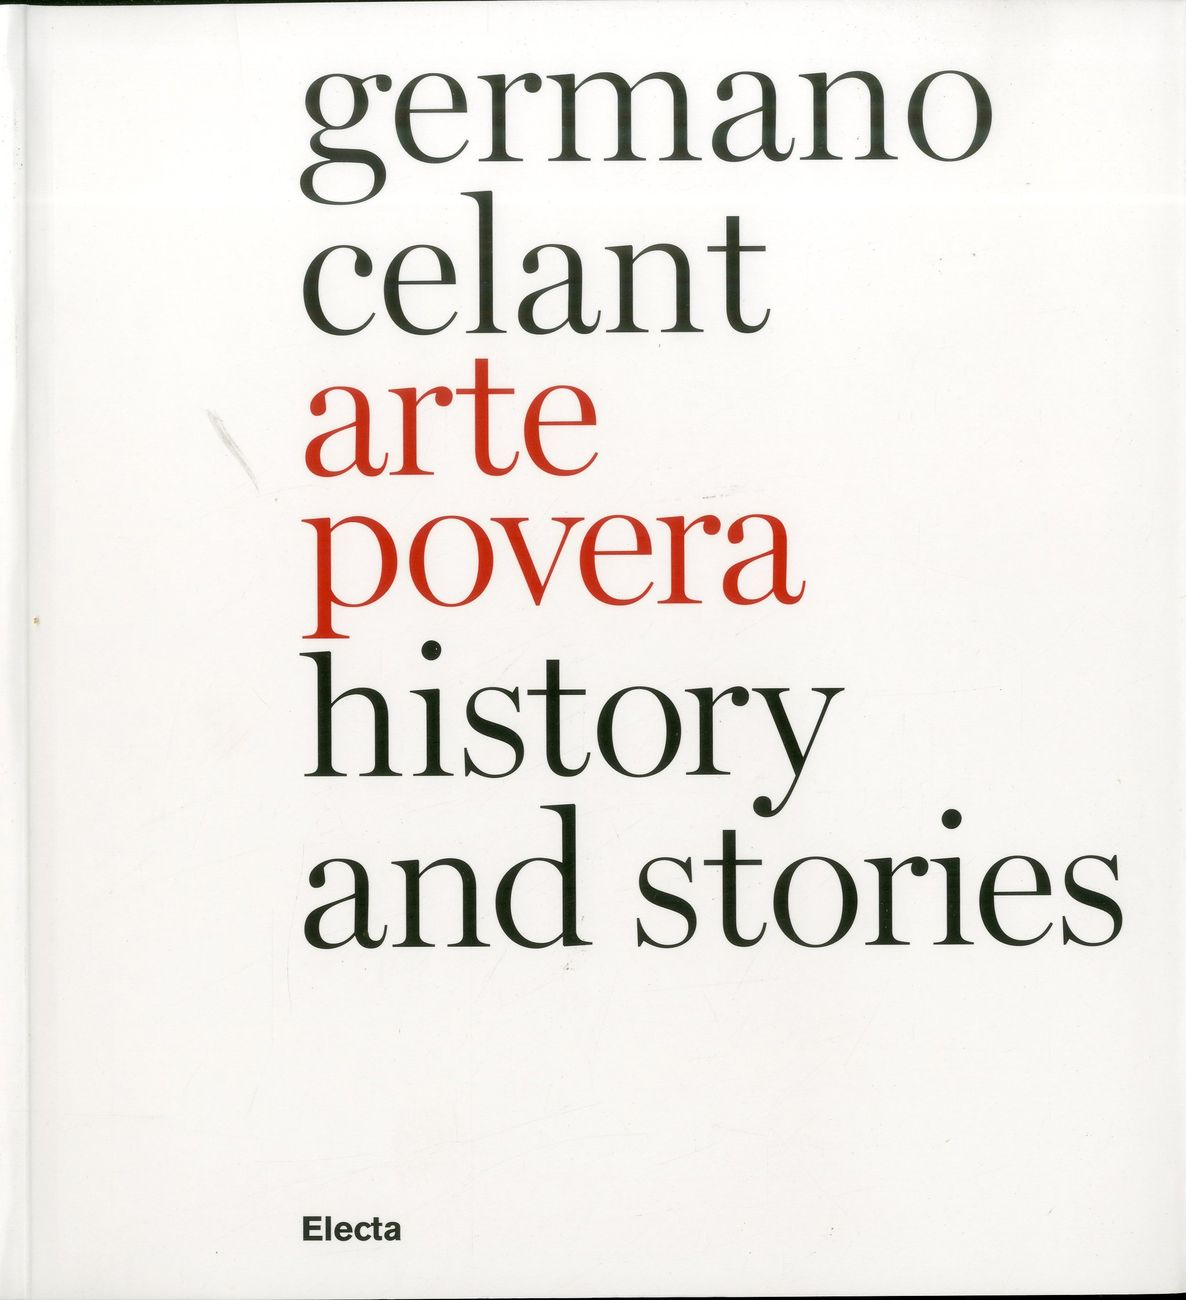 La versione inglese di Arte povera. Storia e storie curata da Germano Celant (Electa, Milano 2011)